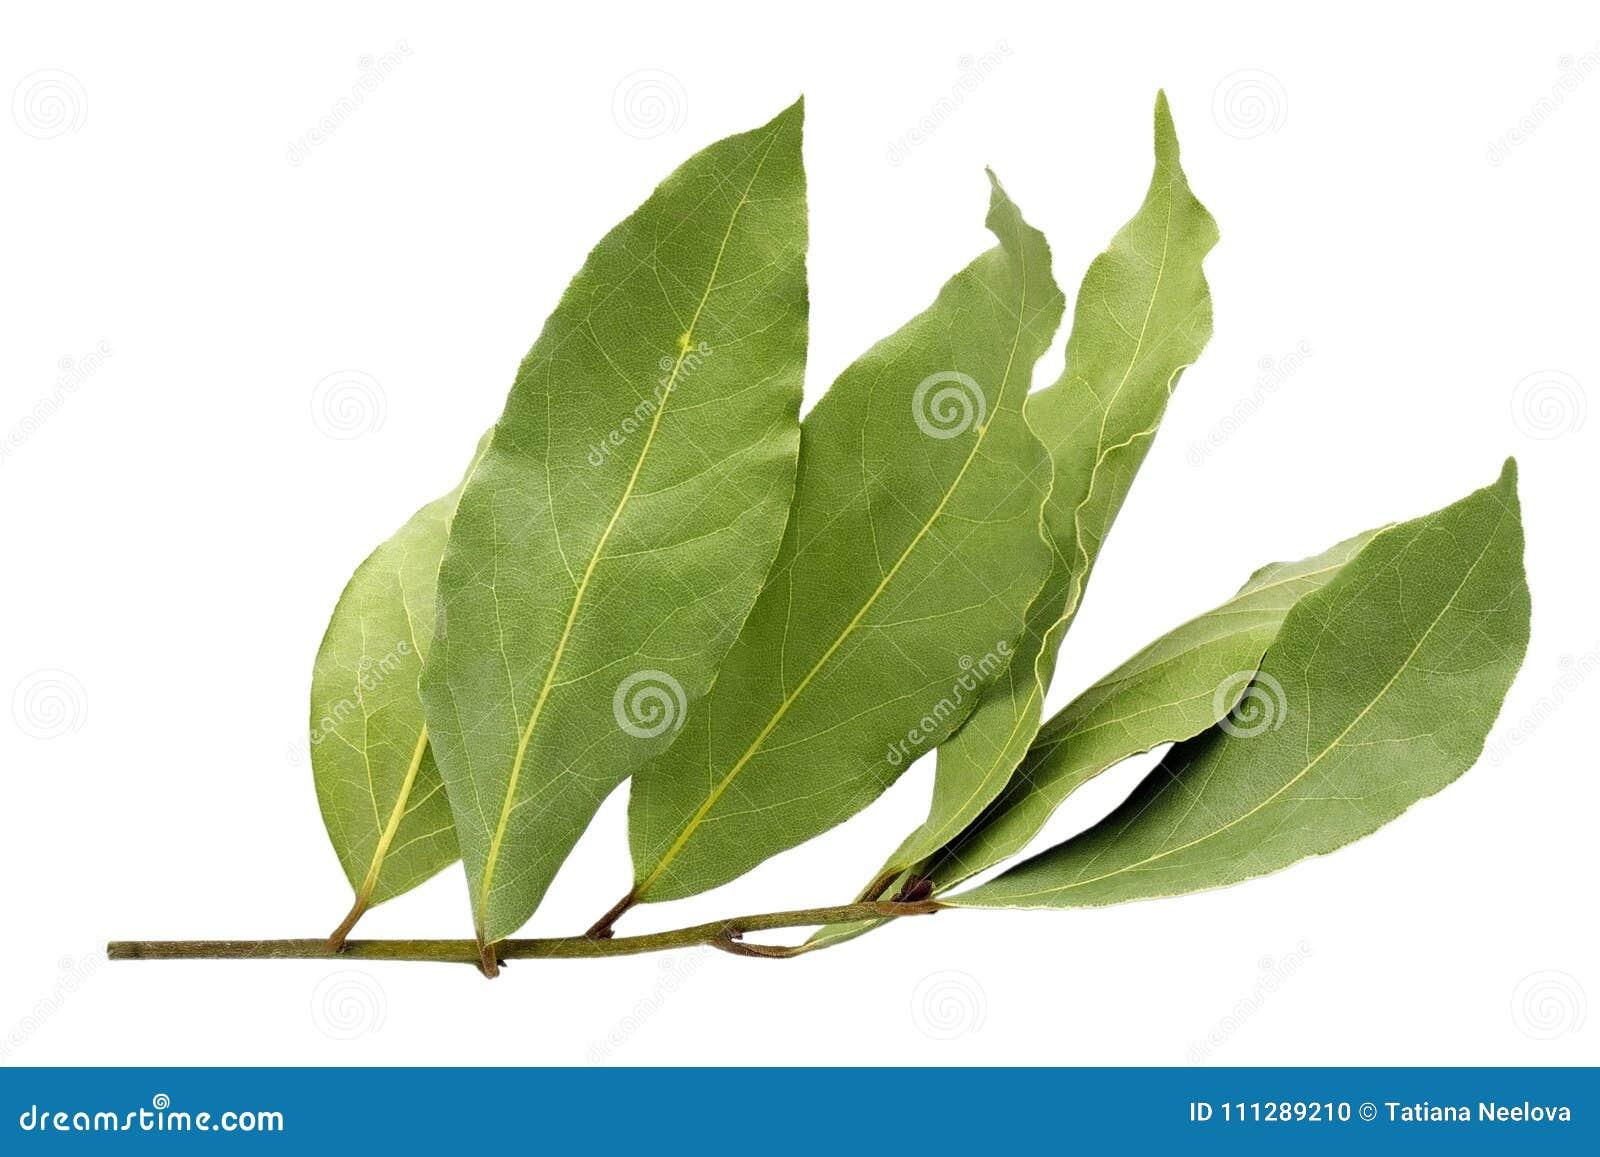 Droog aromatisch die laurierbladtakje op een witte achtergrond wordt geïsoleerd Foto van de oogst van de laurierbaai voor de zake